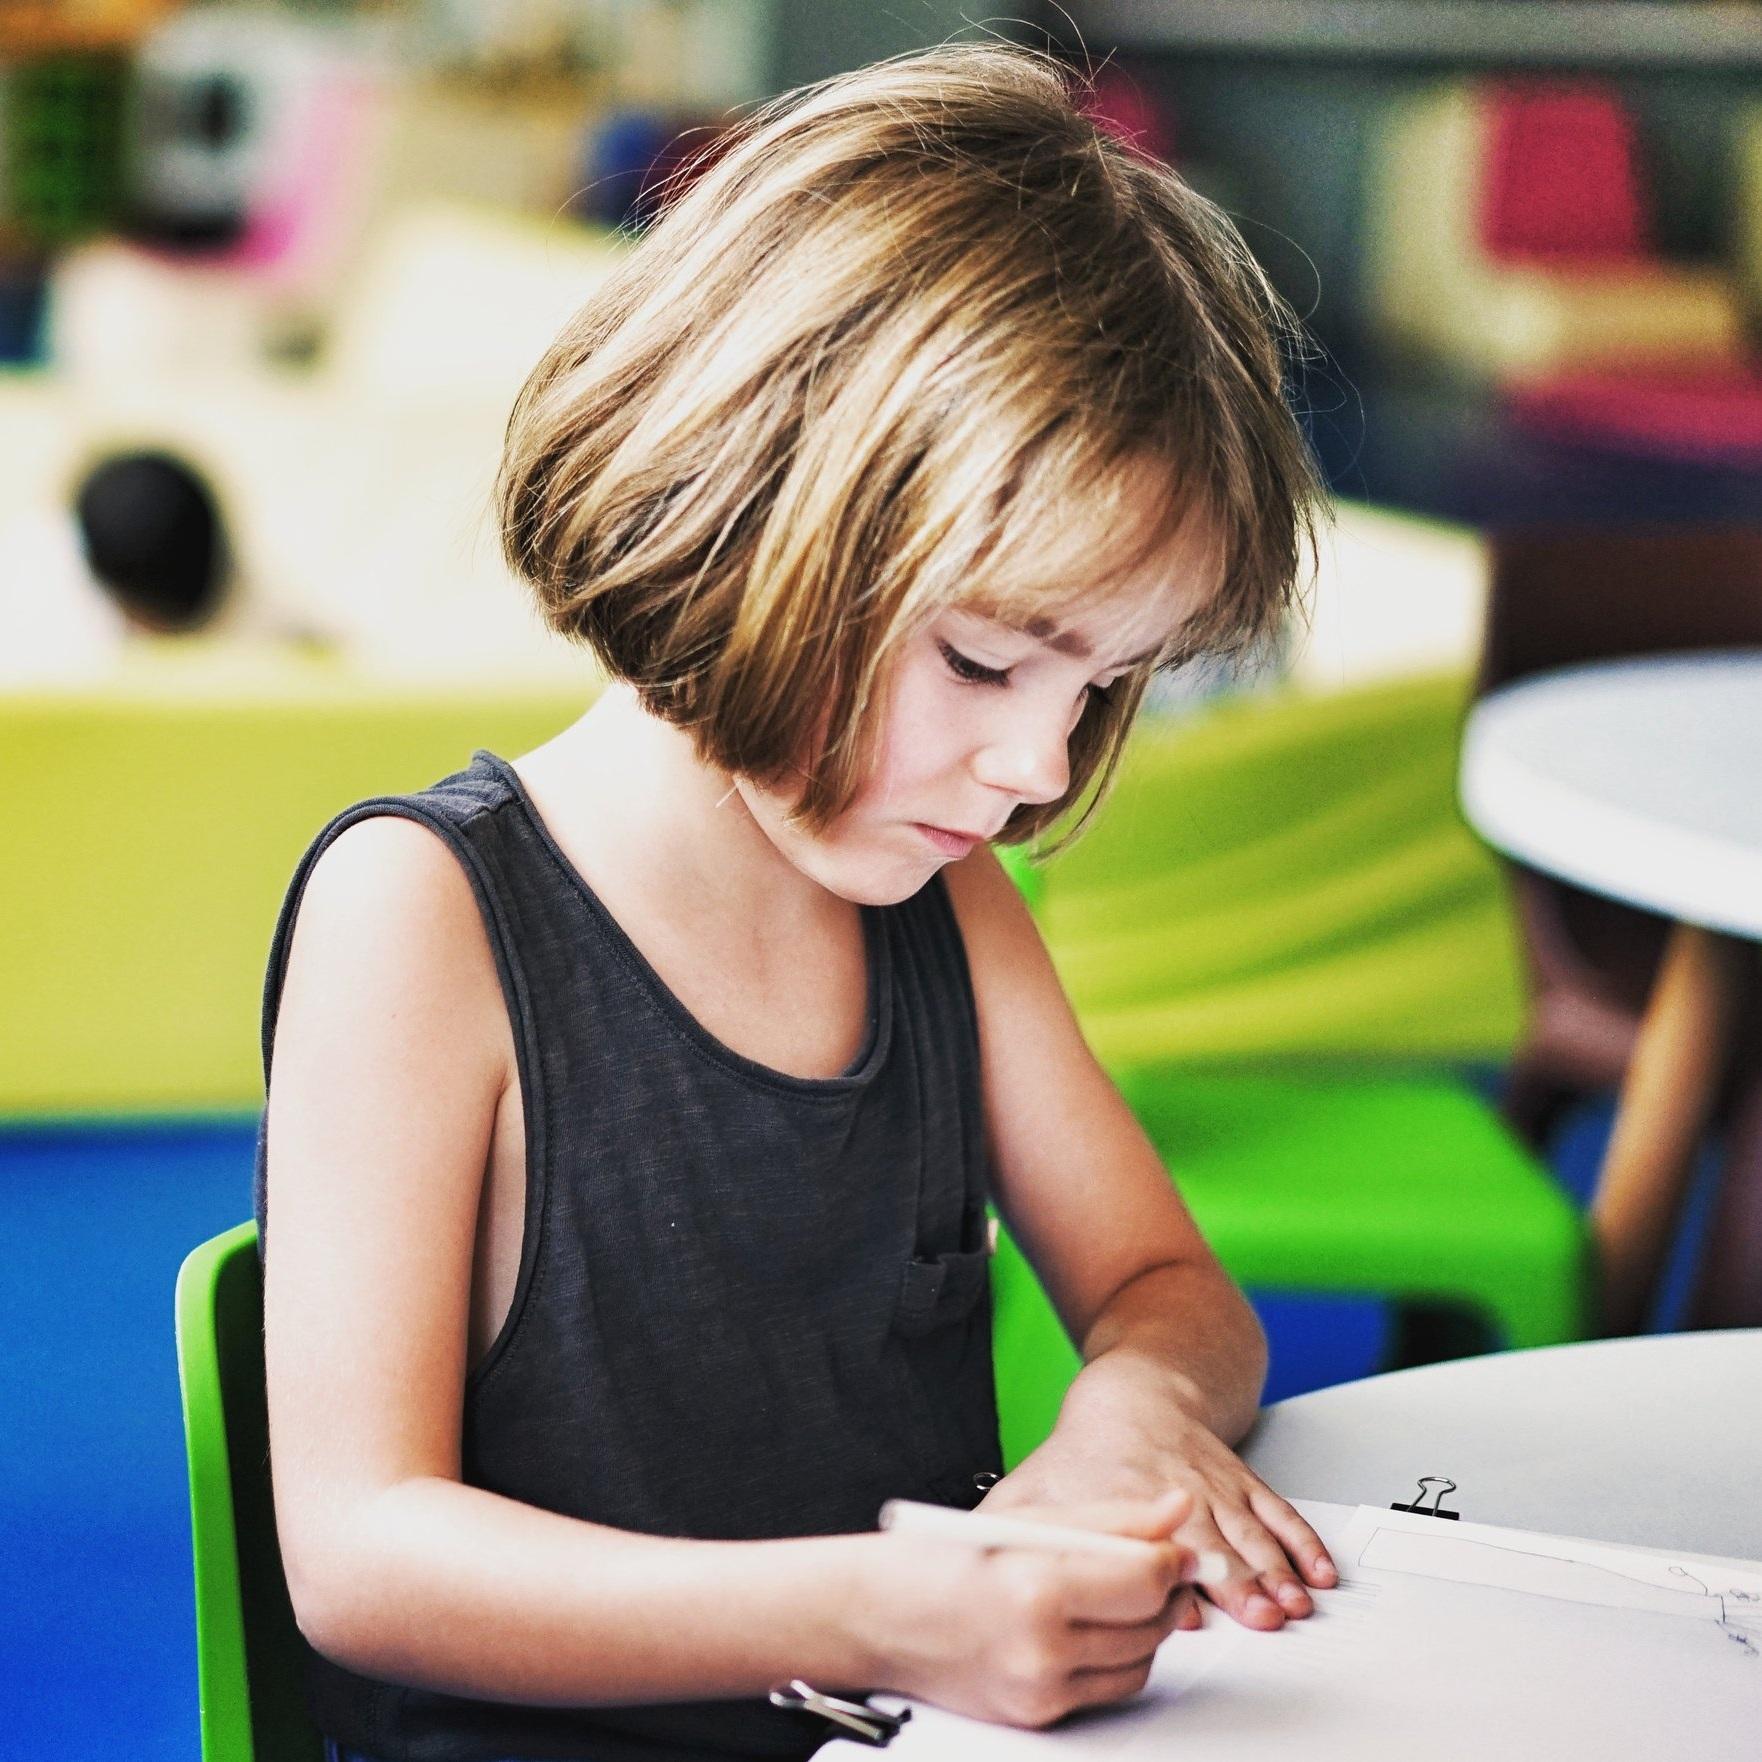 Felici di crescere così - Progetto di attività cognitivo-motoria per le scuole dell'infanzia.